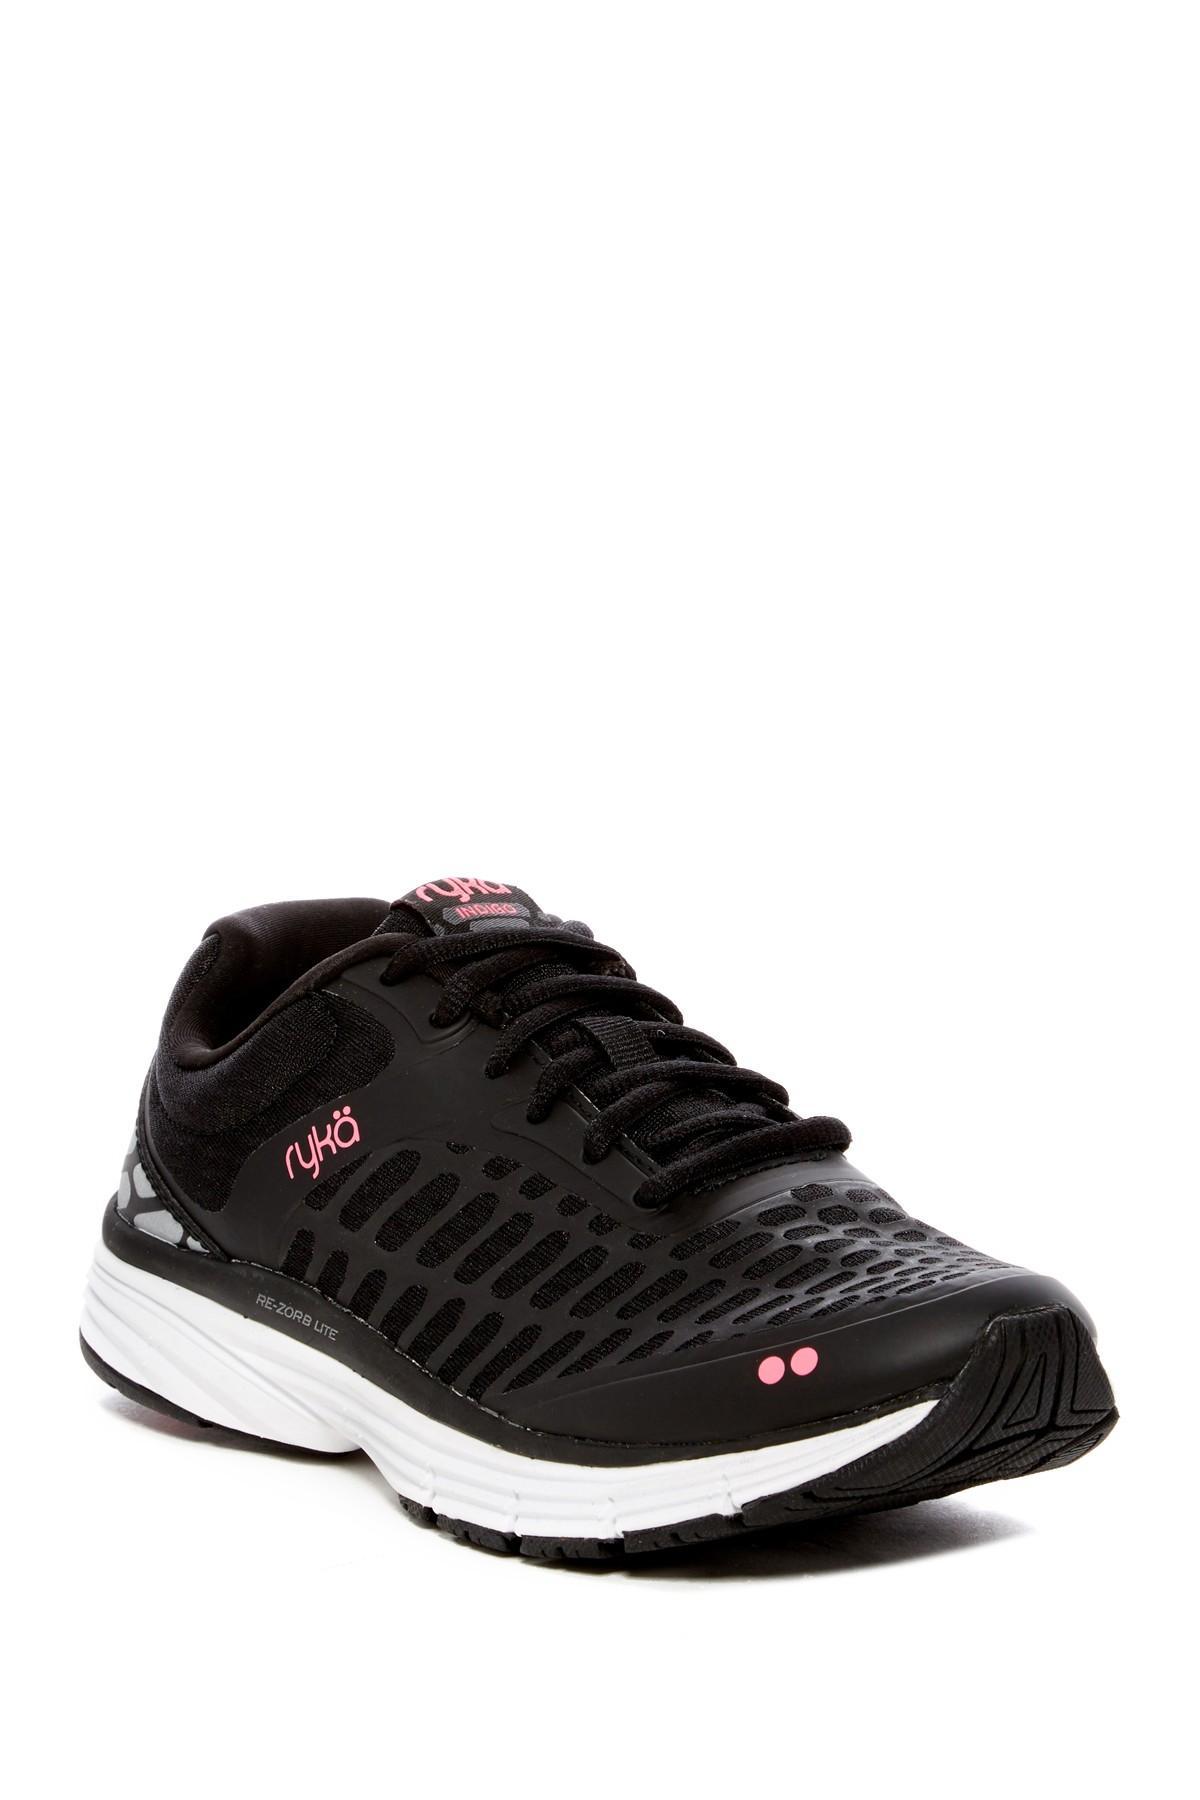 Ryka Indigo Running Shoe